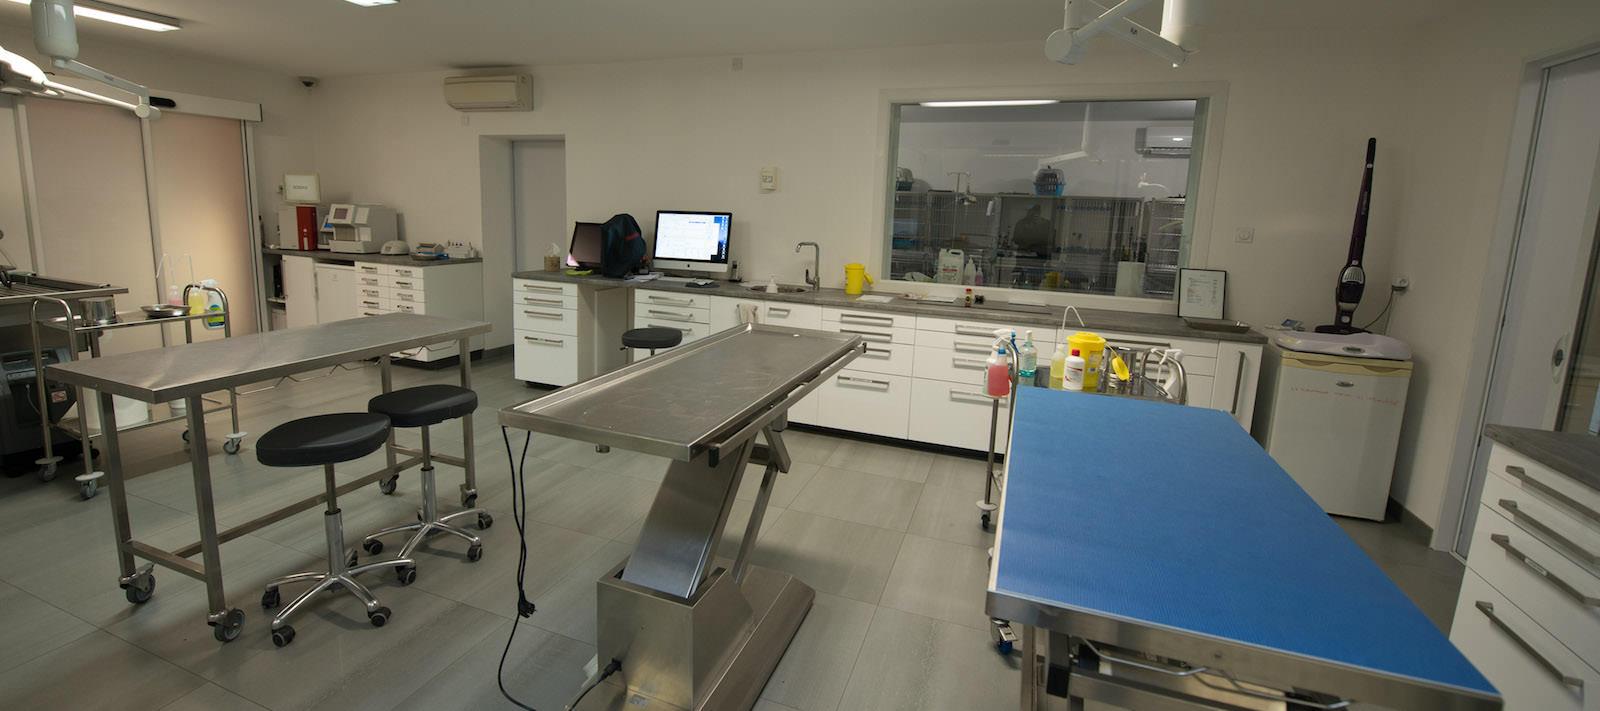 Salle de préparation à la clinique vétérinaire à Nantes